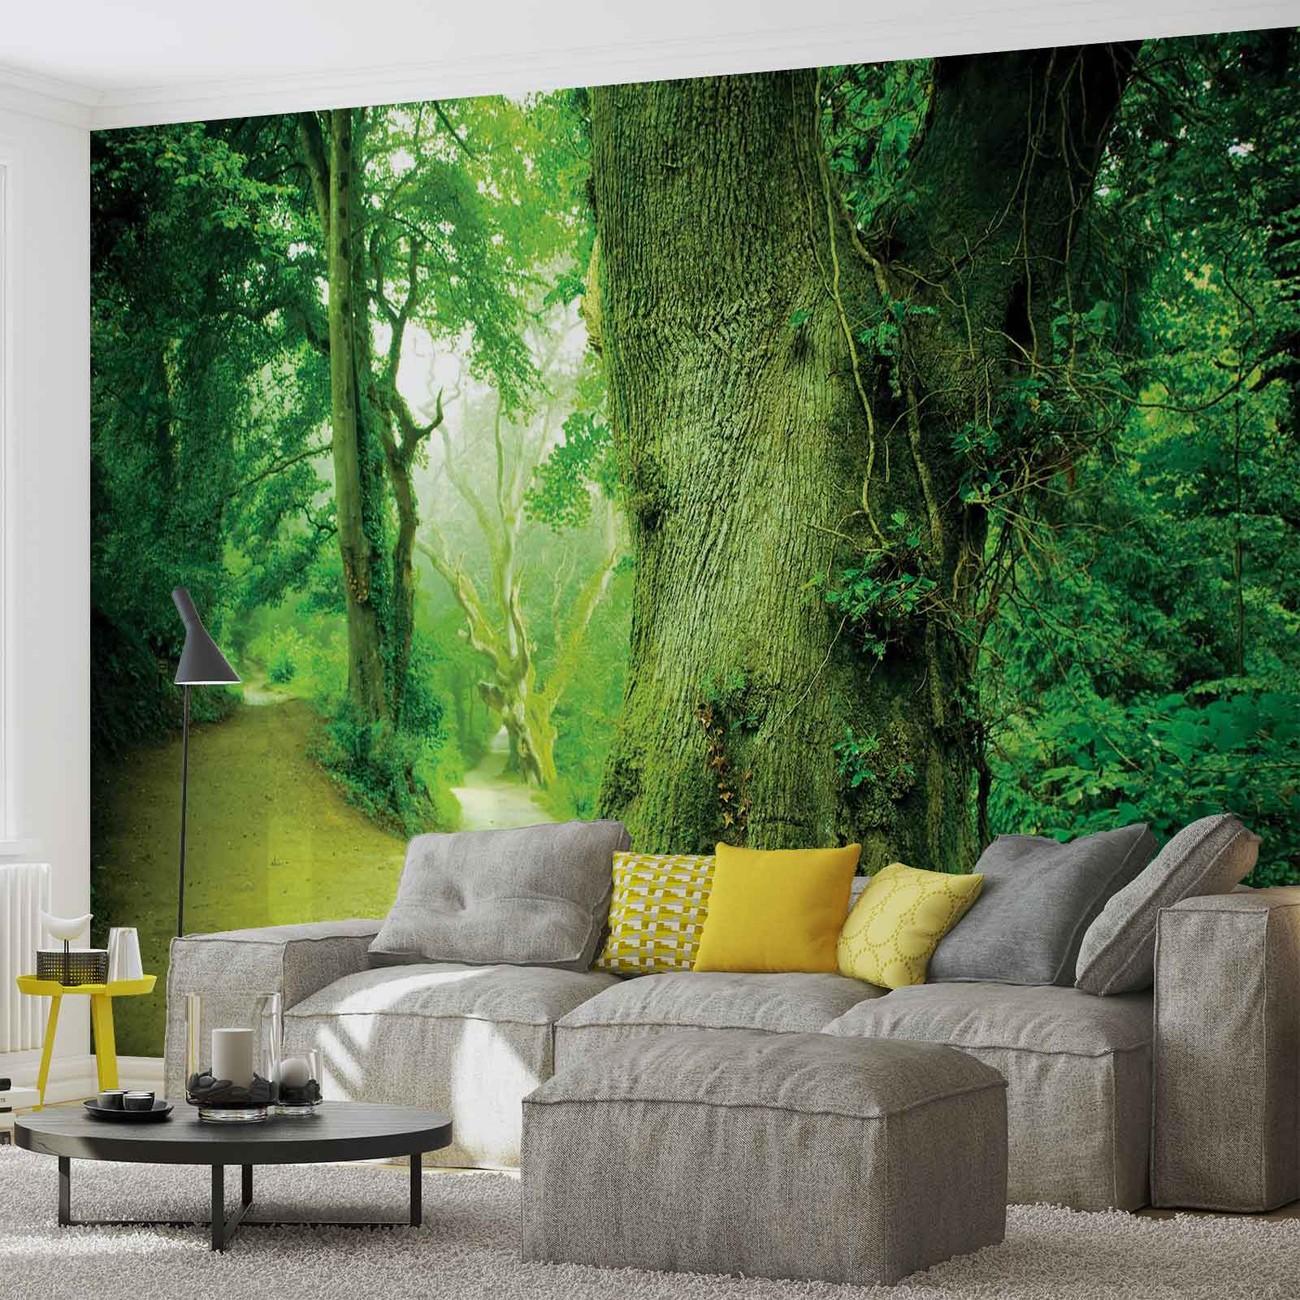 Poster Mural Nature : for t nature arbres poster mural papier peint acheter le sur ~ Teatrodelosmanantiales.com Idées de Décoration